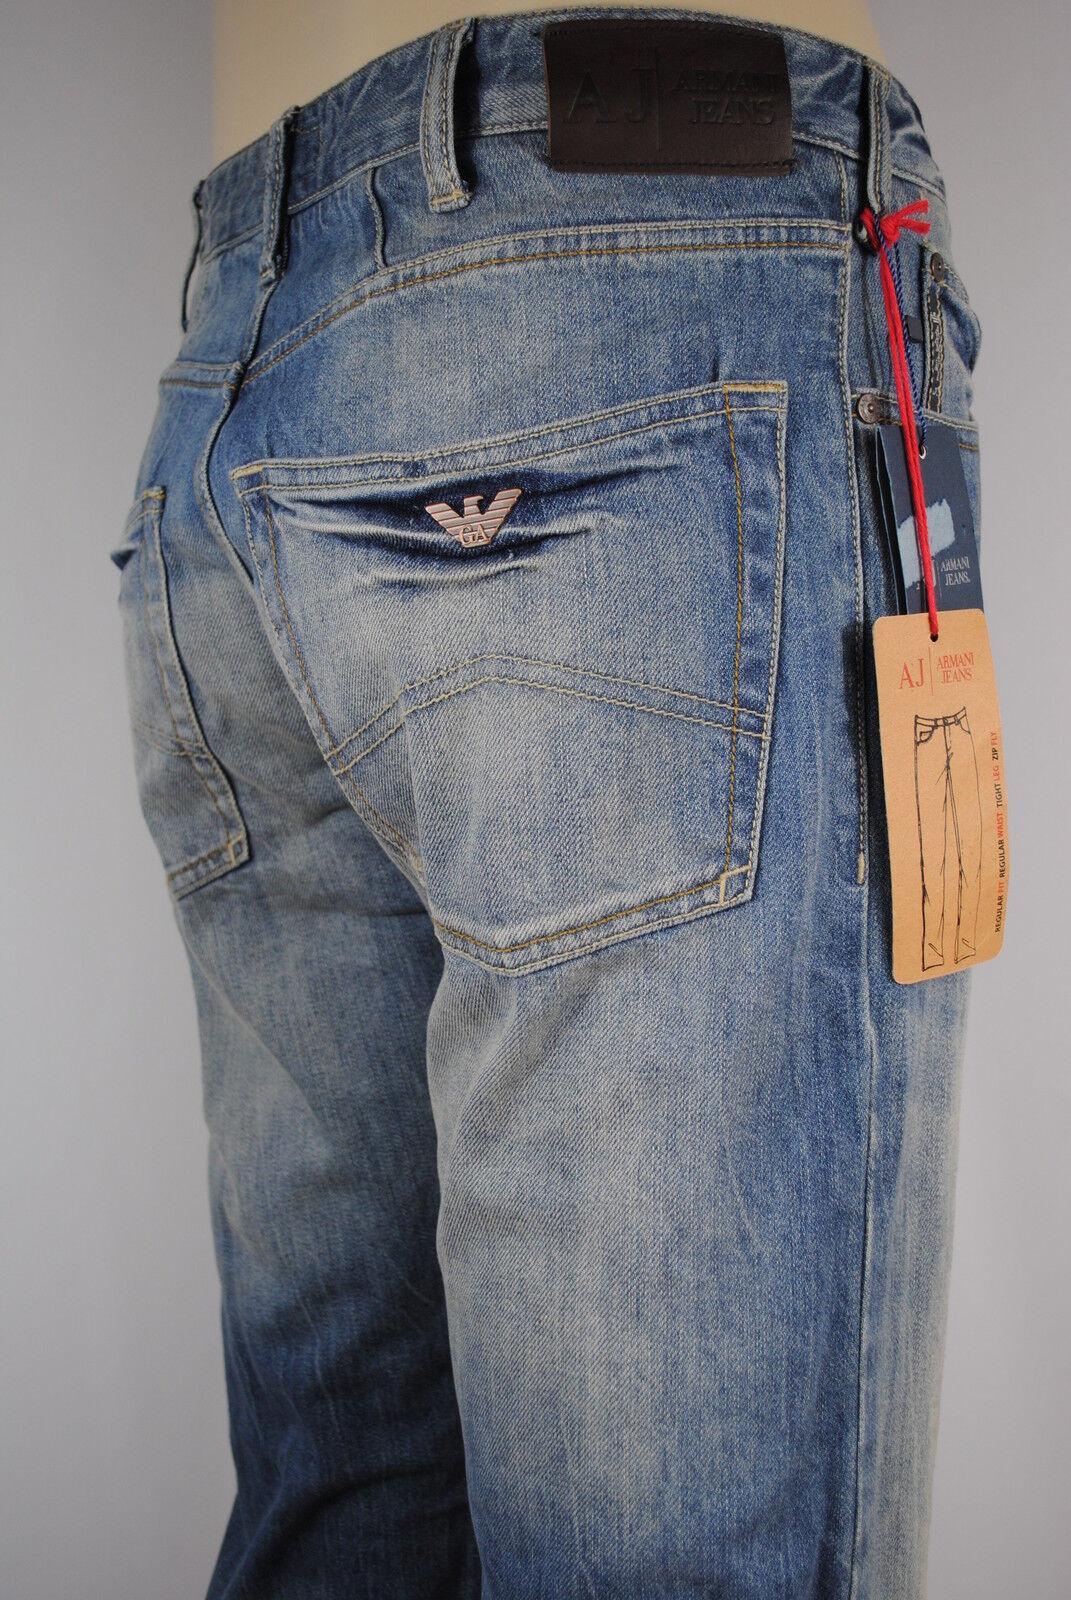 NEW MENS Armani Jeans J45 1G  regular fit Vintage wash denim jean SIZE